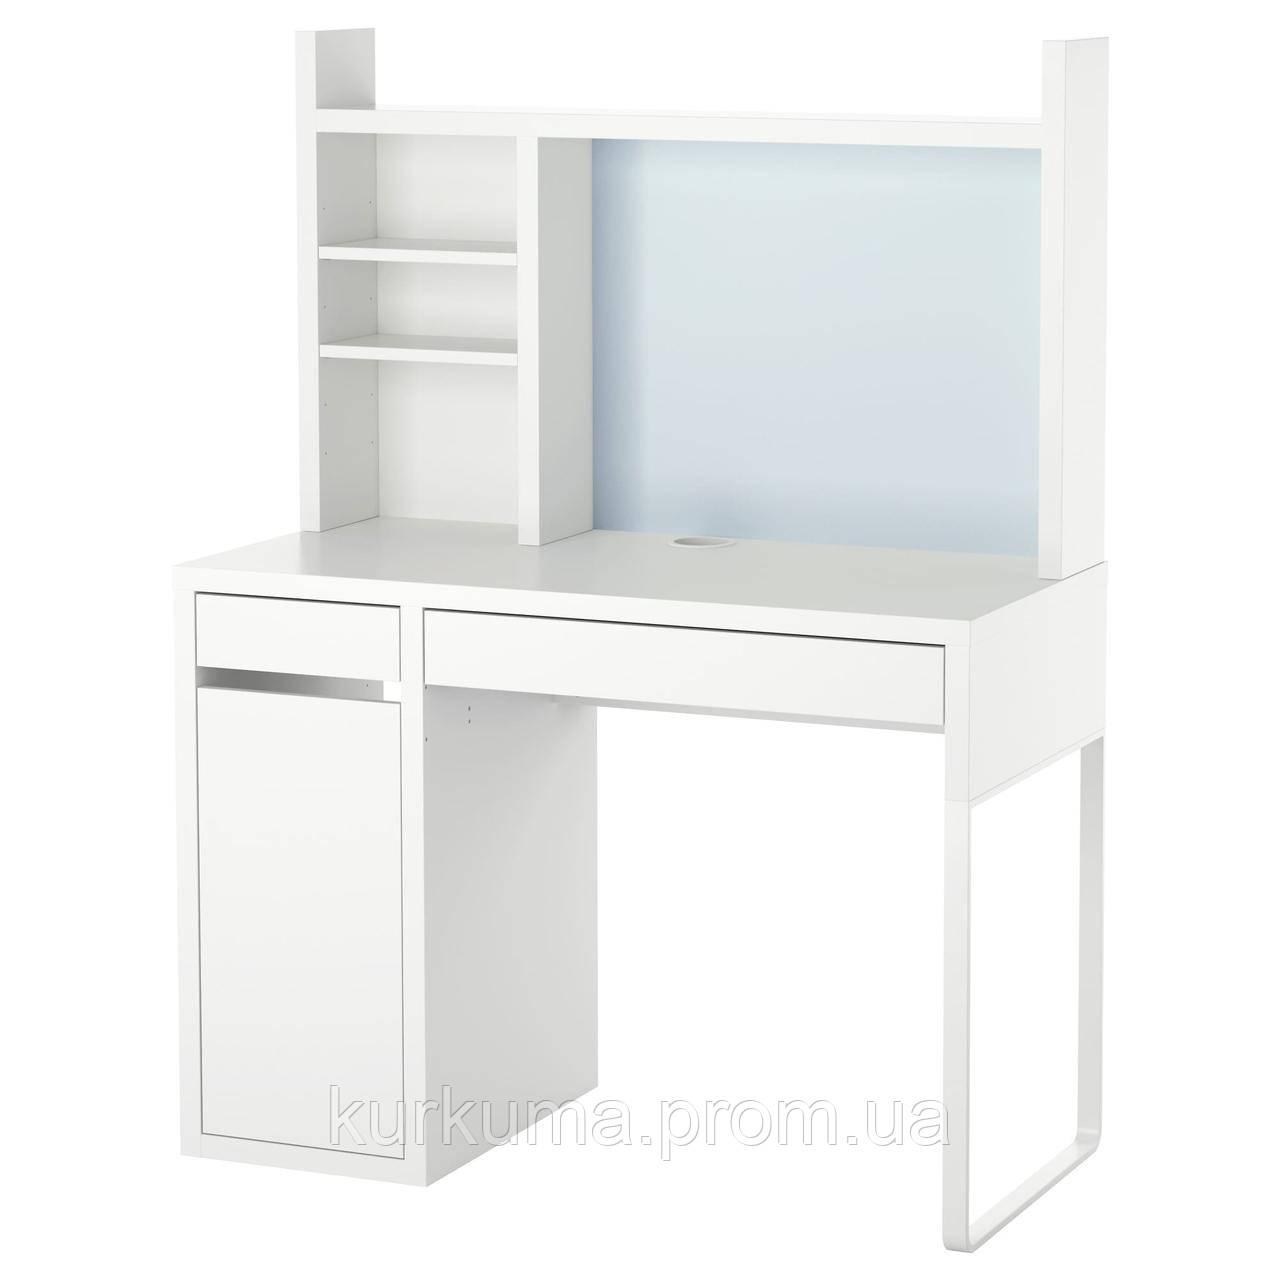 IKEA MICKE Рабочий стол с надставкой, белый  (099.030.14)